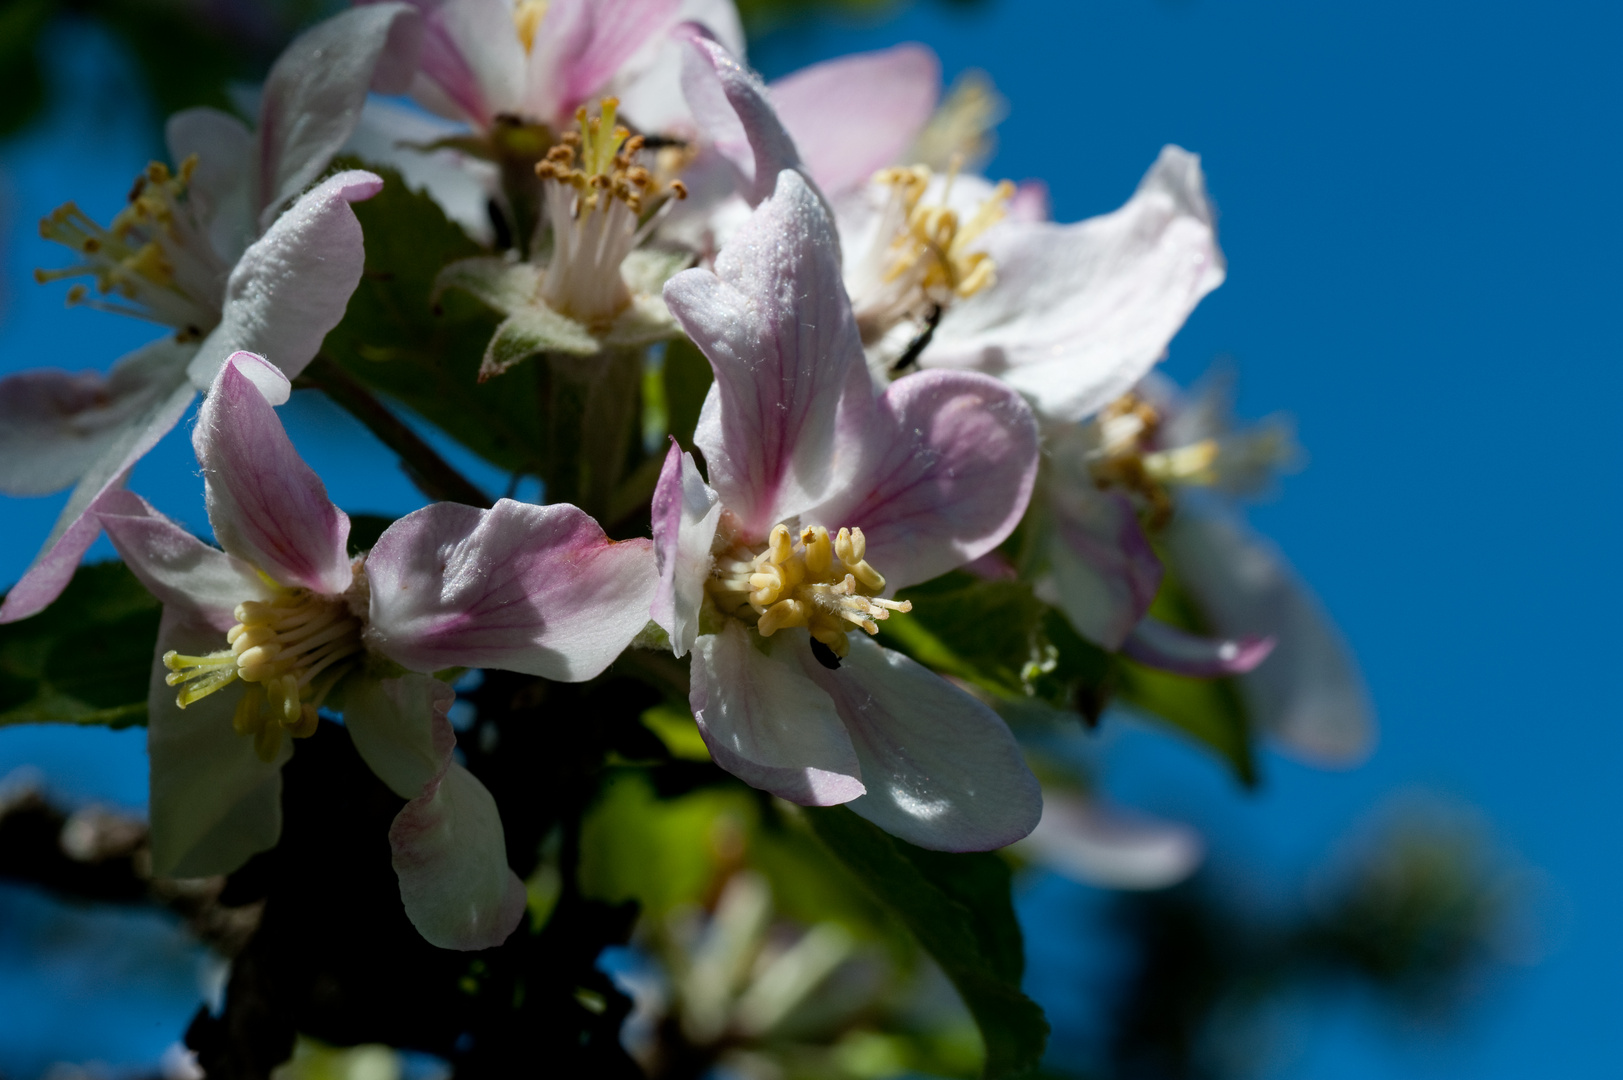 Erinnerung an den Frühling